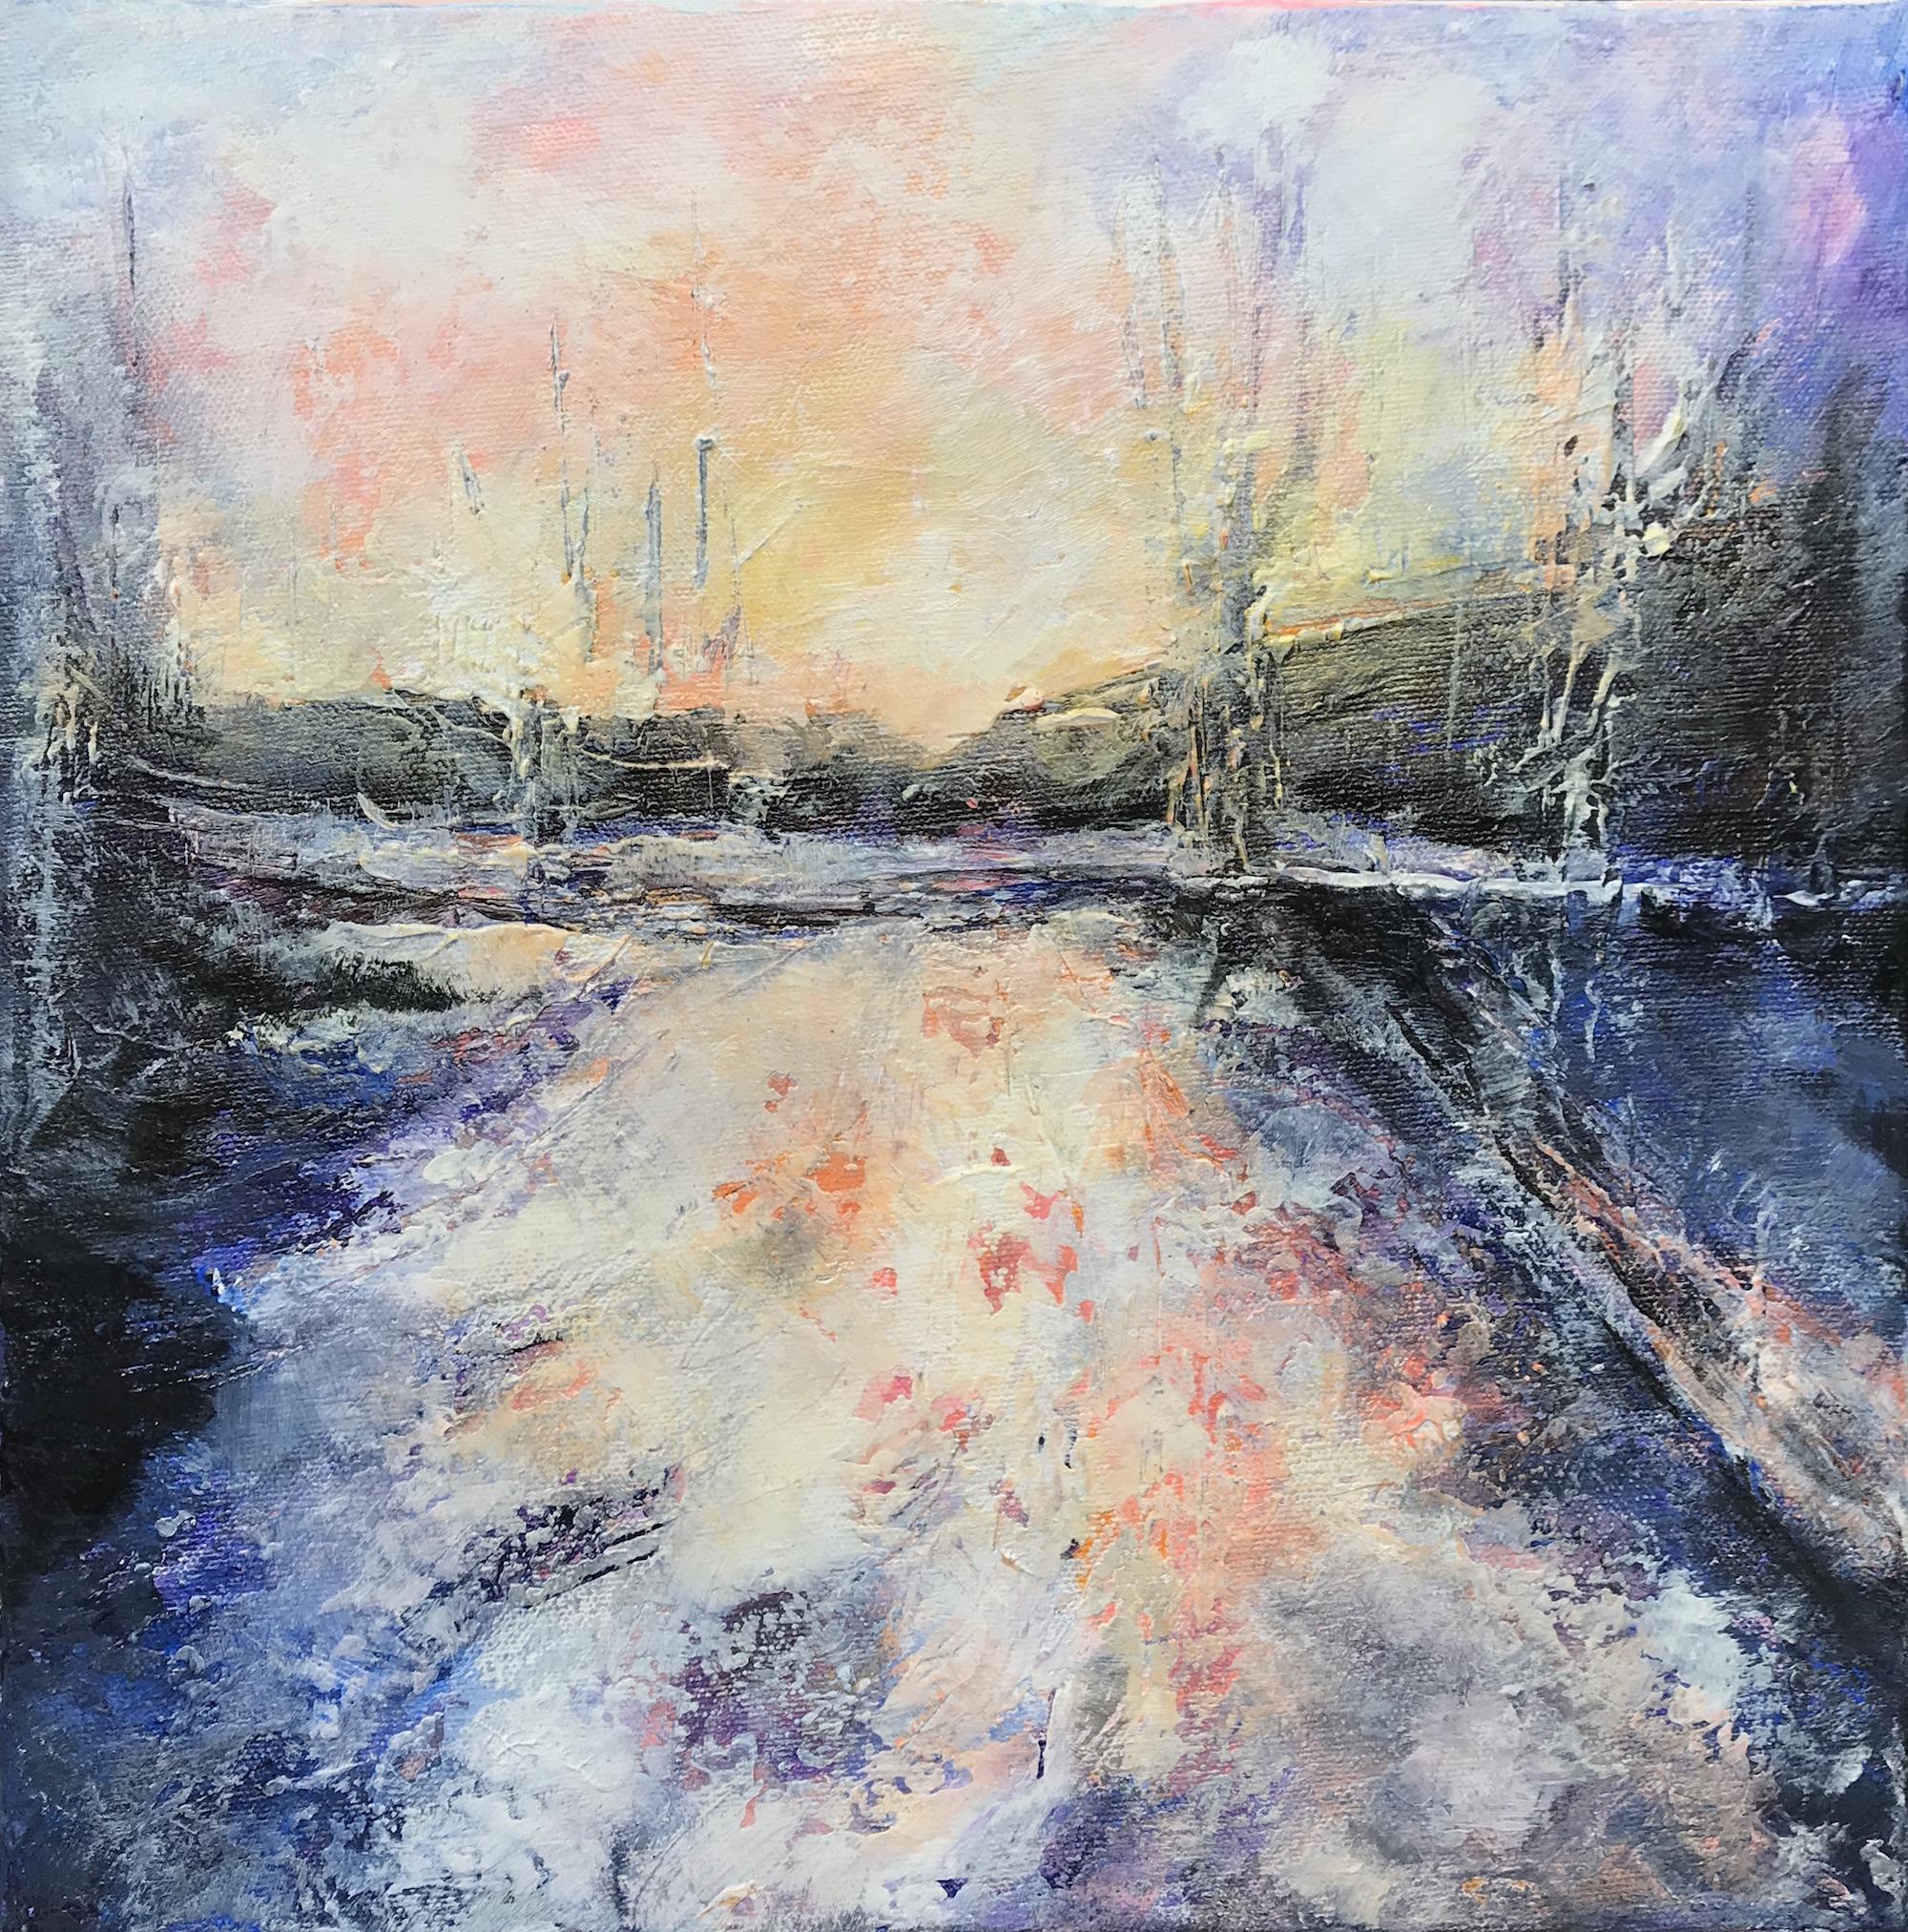 Snow Day 1 - acrylic on canvas  30x30cm £100